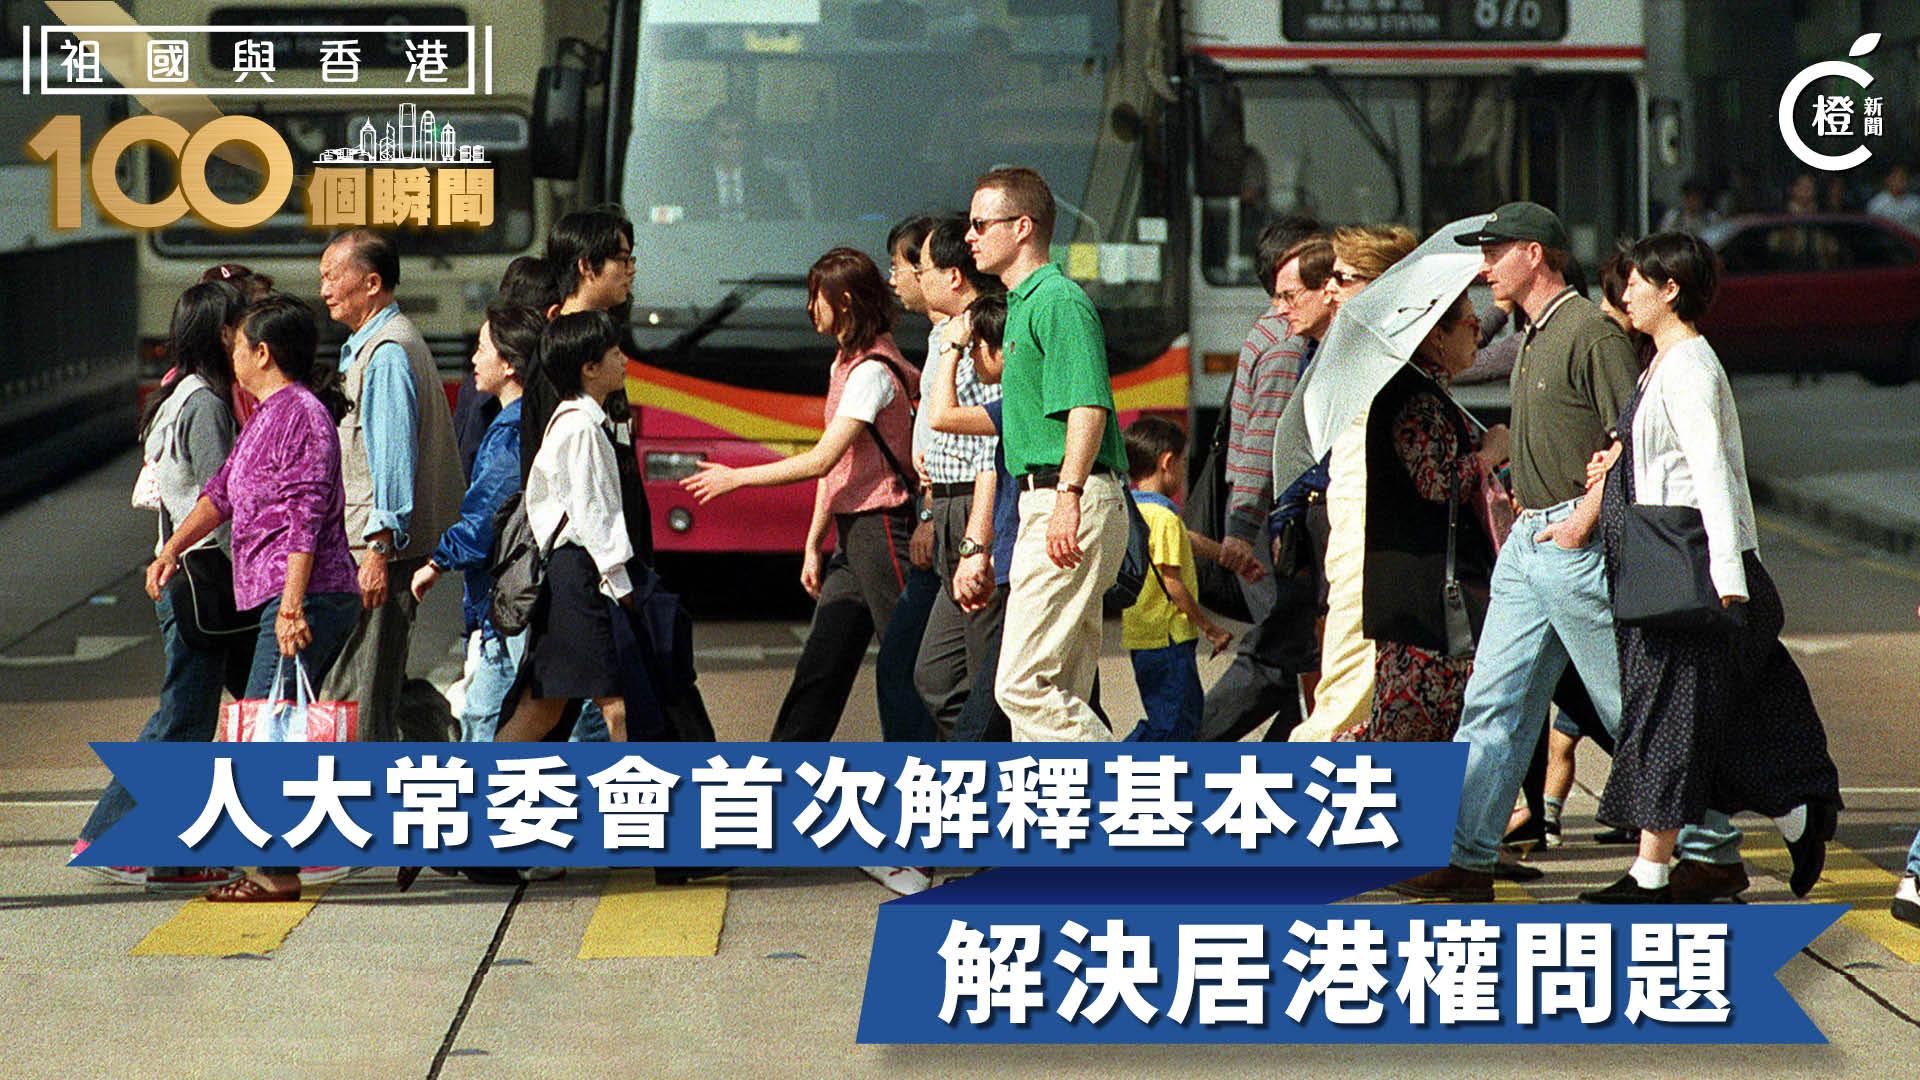 【祖國與香港100個瞬間】人大常委會首次解釋基本法 助港解決居留權問題